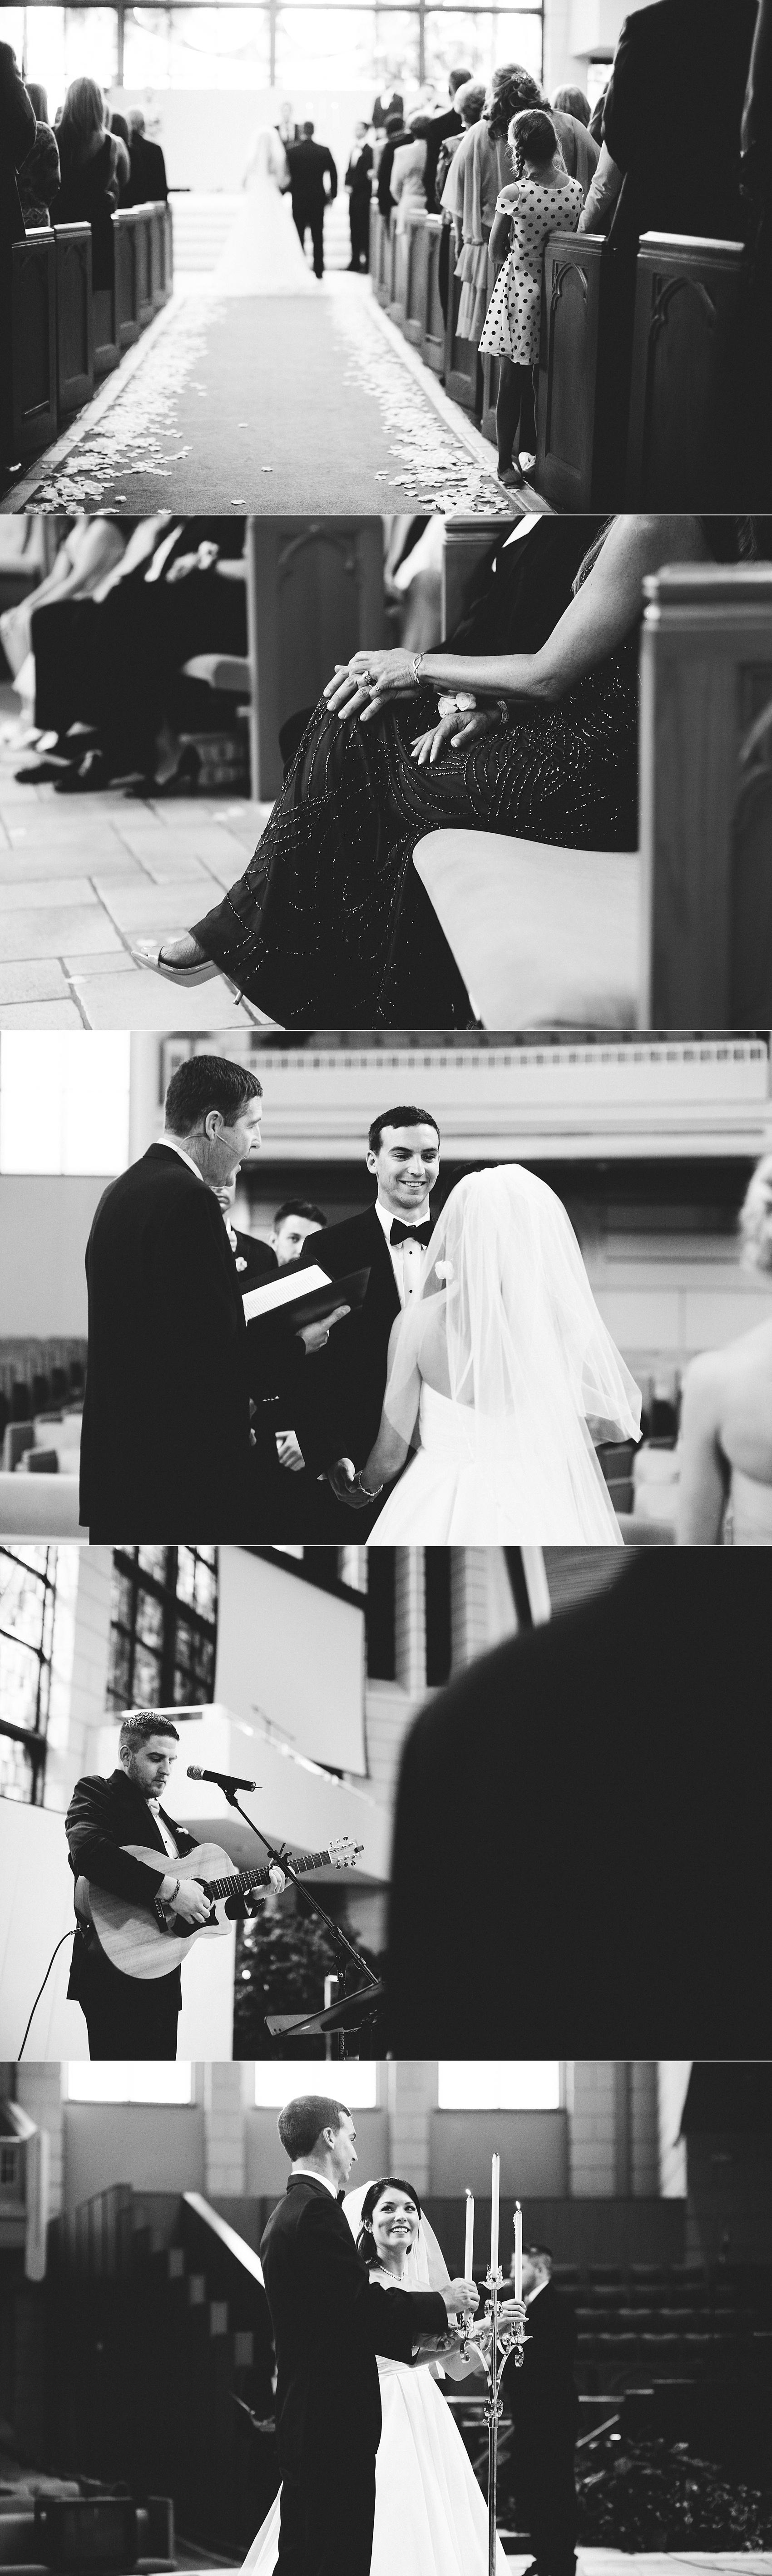 tampa wedding photographer luke haley-11